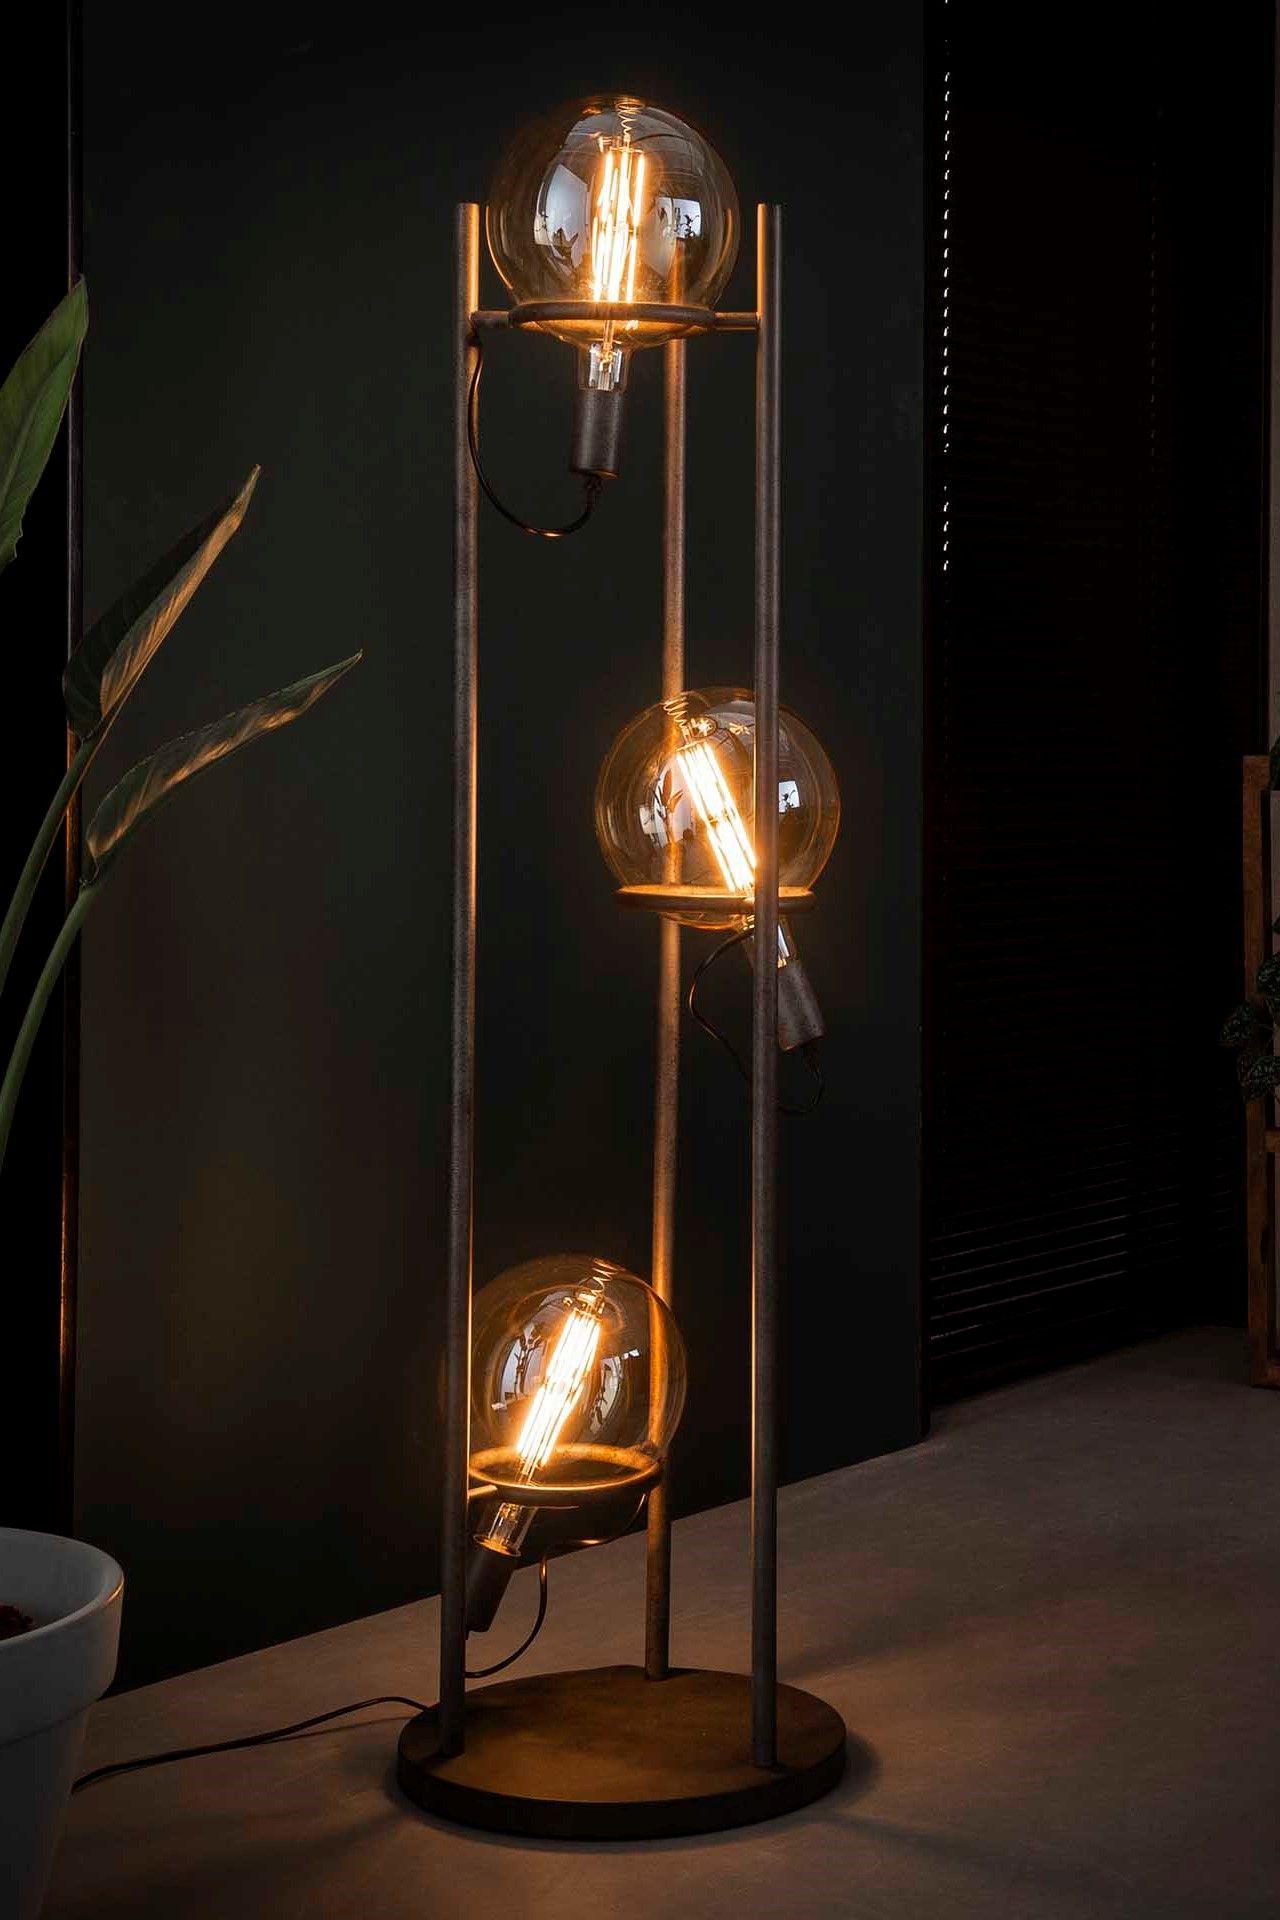 Stehlampe Saturn Xl Stehlampe Wohnzimmer Stehlampe Coole Stehlampen